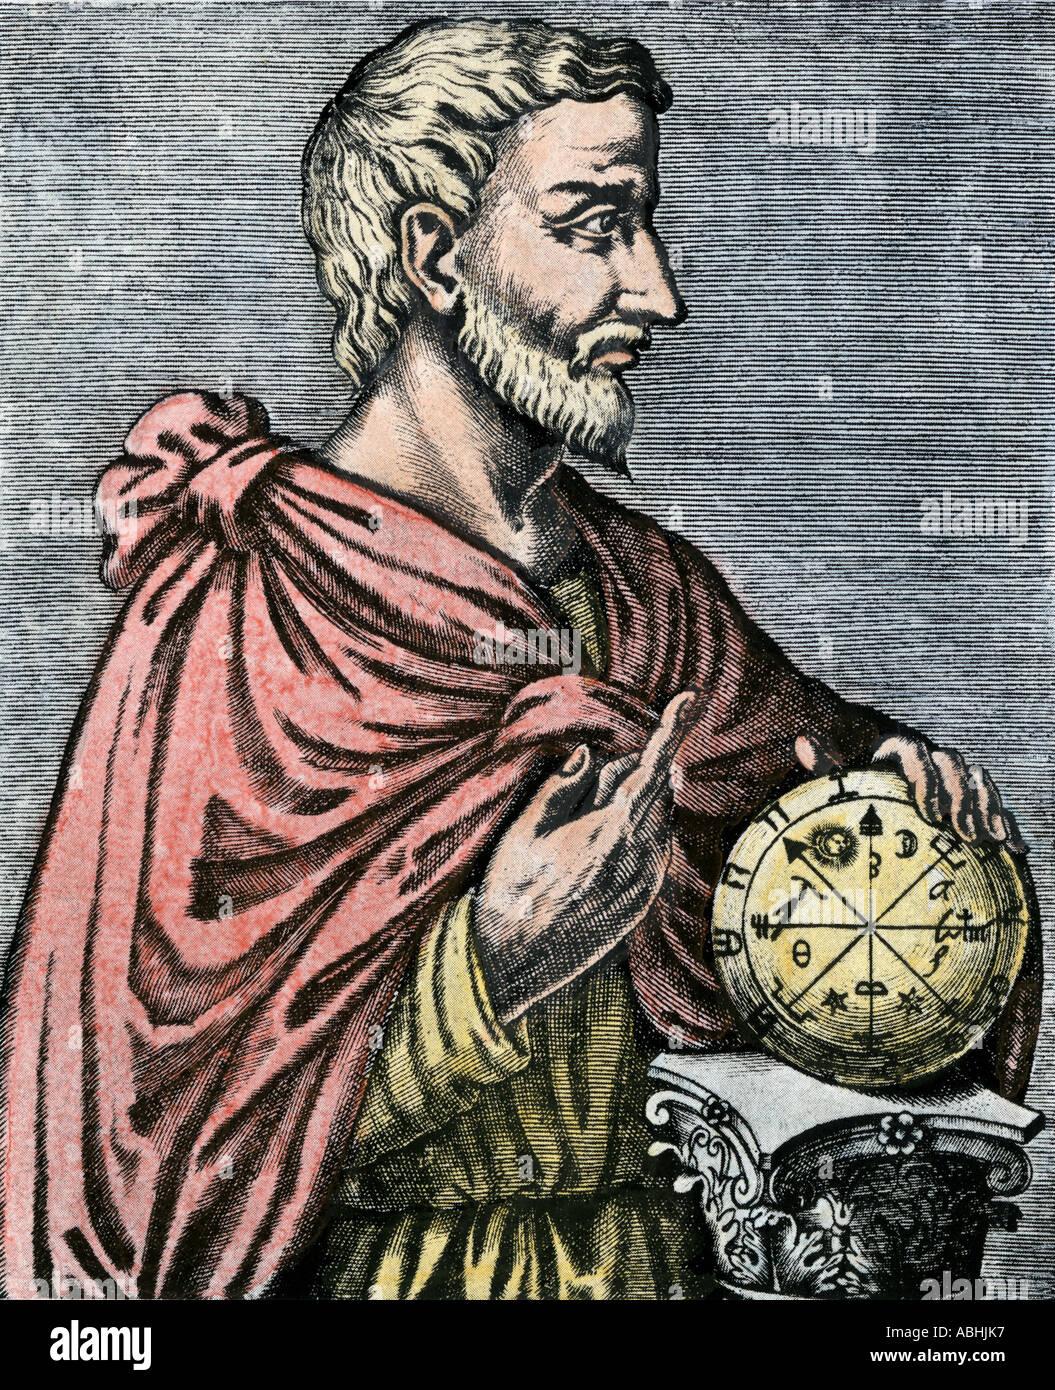 Pitagora greco antico filosofo e matematico. Colorate a mano la xilografia Immagini Stock